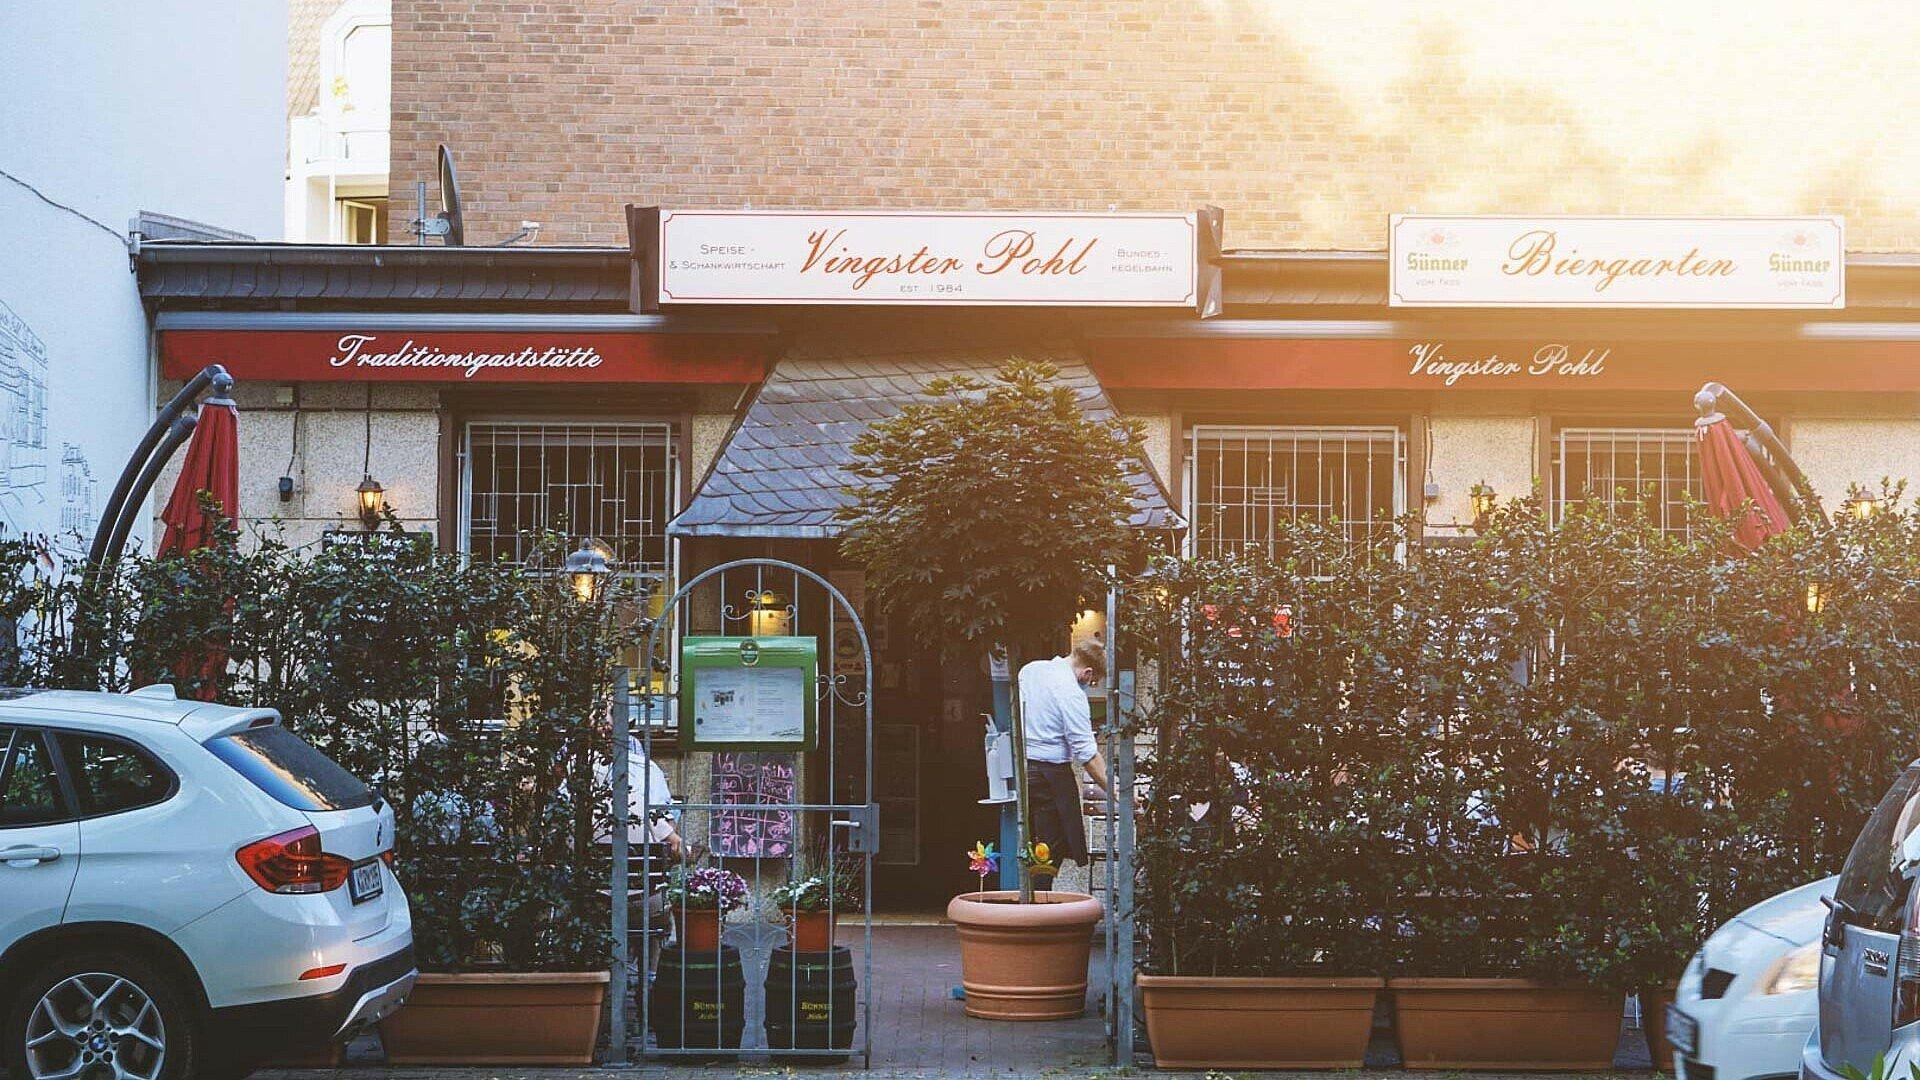 """Die Traditionsgaststätte """"Vingster Pohl"""" ist seit 1984 der Anlaufpunkt für gutbürgerliche Hausmannkost in Vingst"""